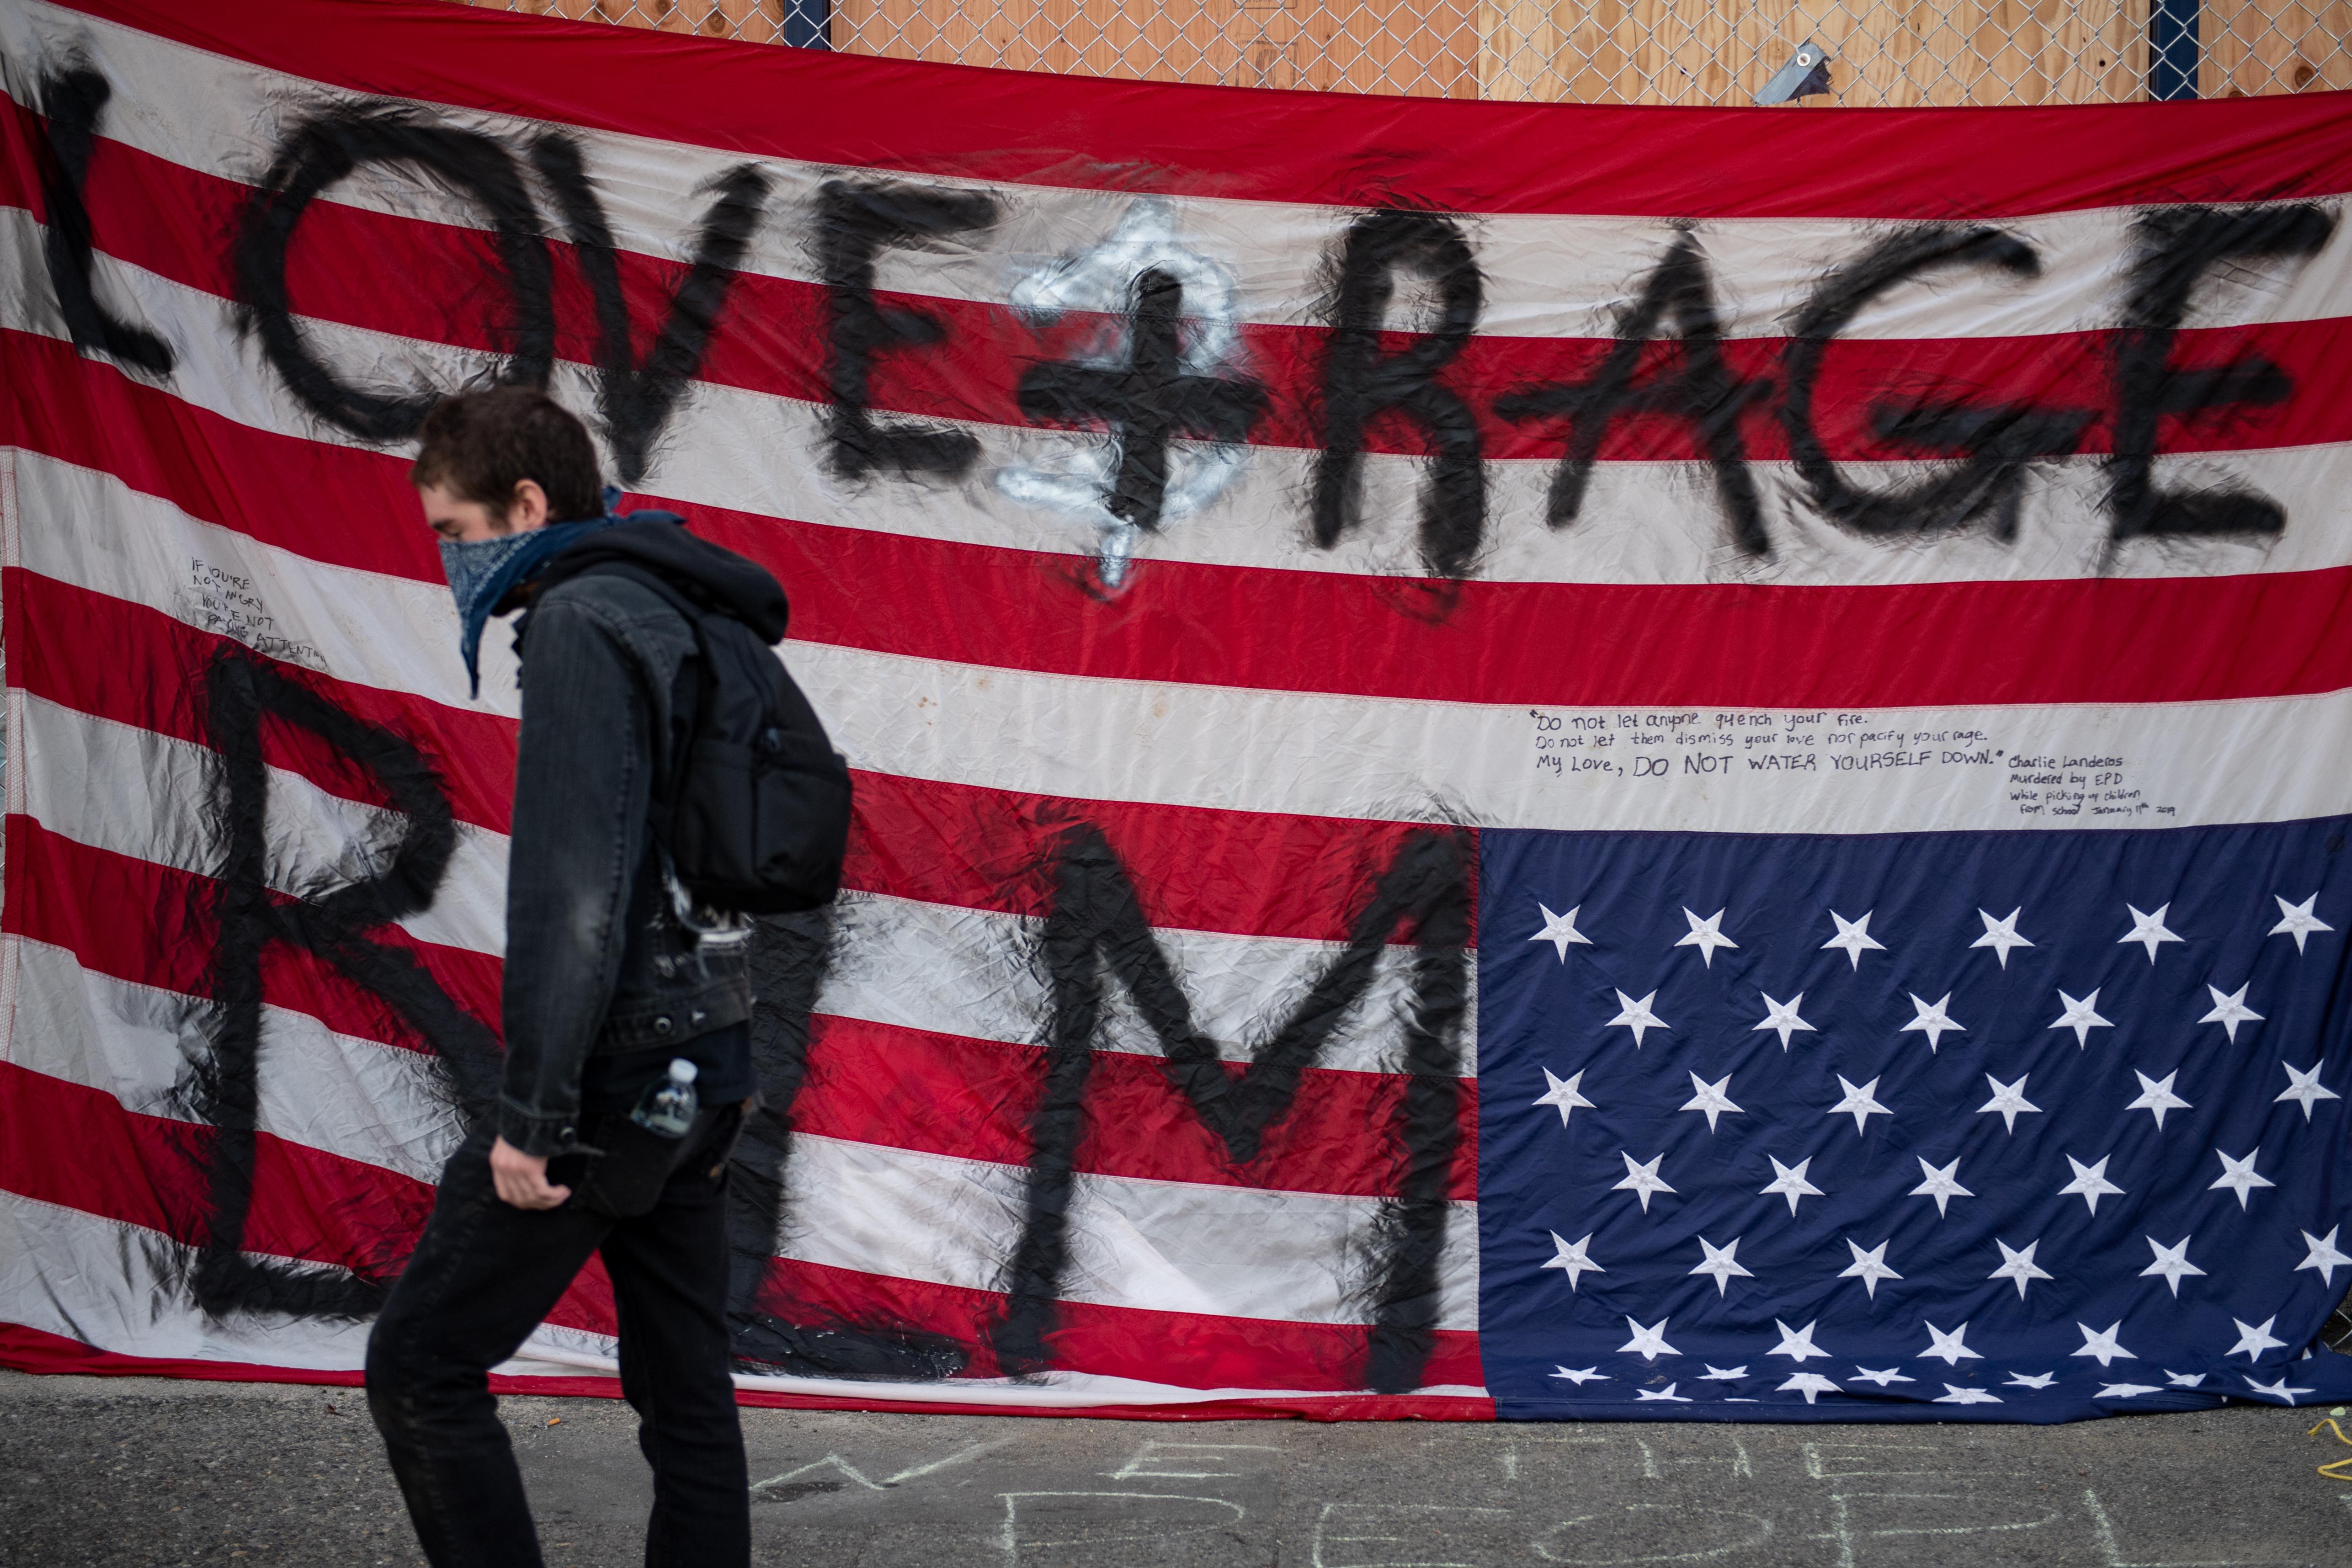 Seattle, elfoglalt zóna: utcabáli hangulat is van, meg gépfegyverek is